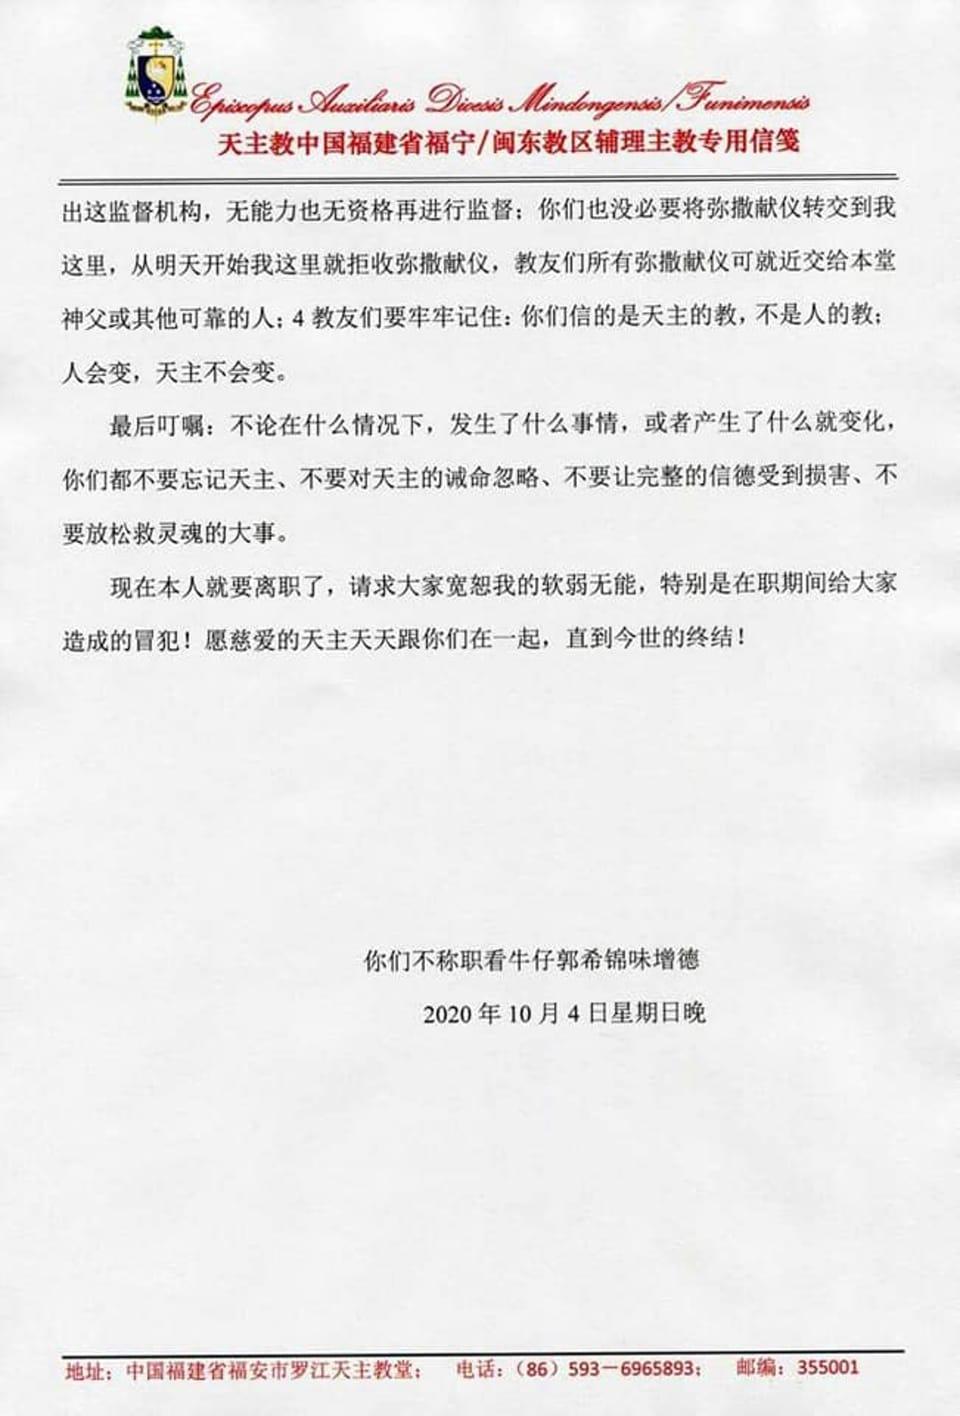 網上流傳據悉是郭希錦講稿,顯示他在週日彌撒舉行期間宣佈辭職決定。(網絡圖片)